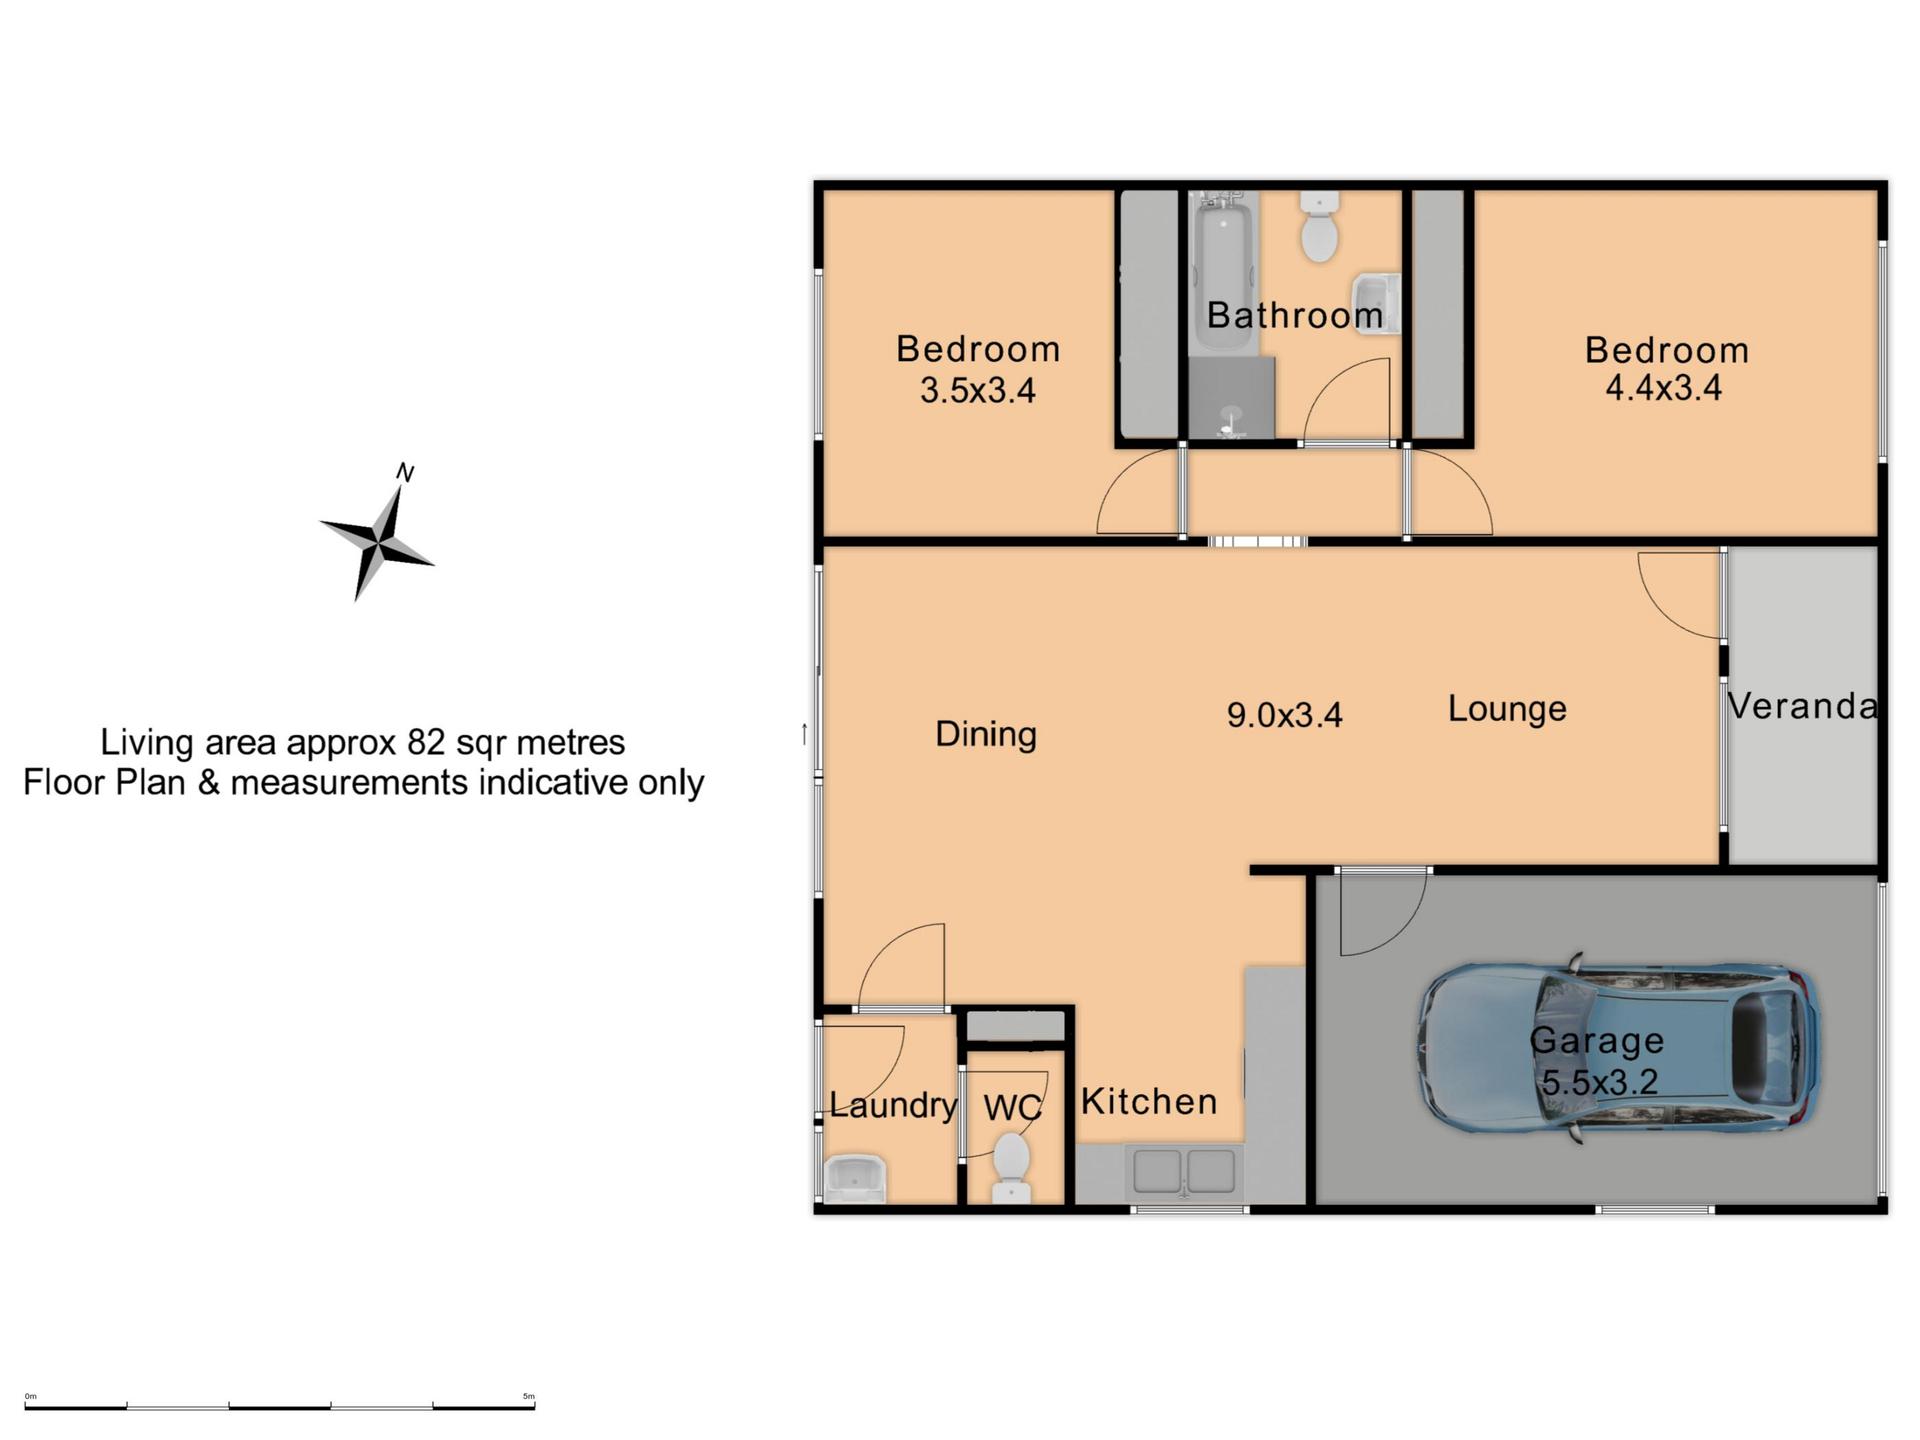 13/67 Kenna Street  - Floor Plan